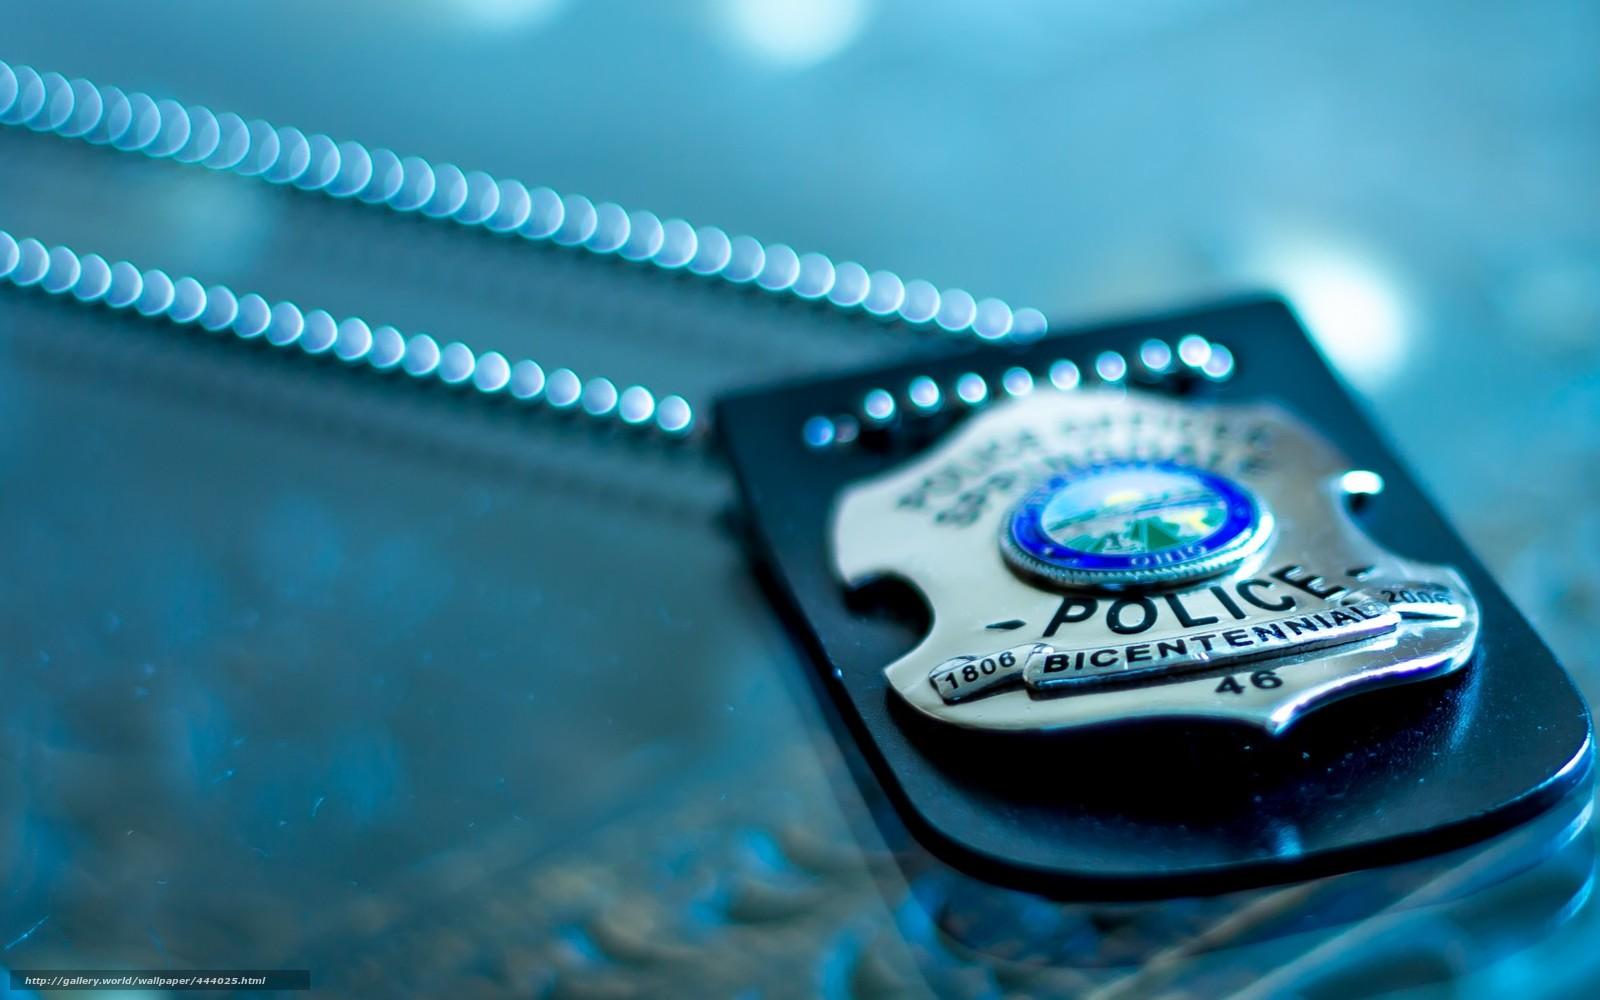 обои для рабочего стола компьютера полиция № 610268  скачать